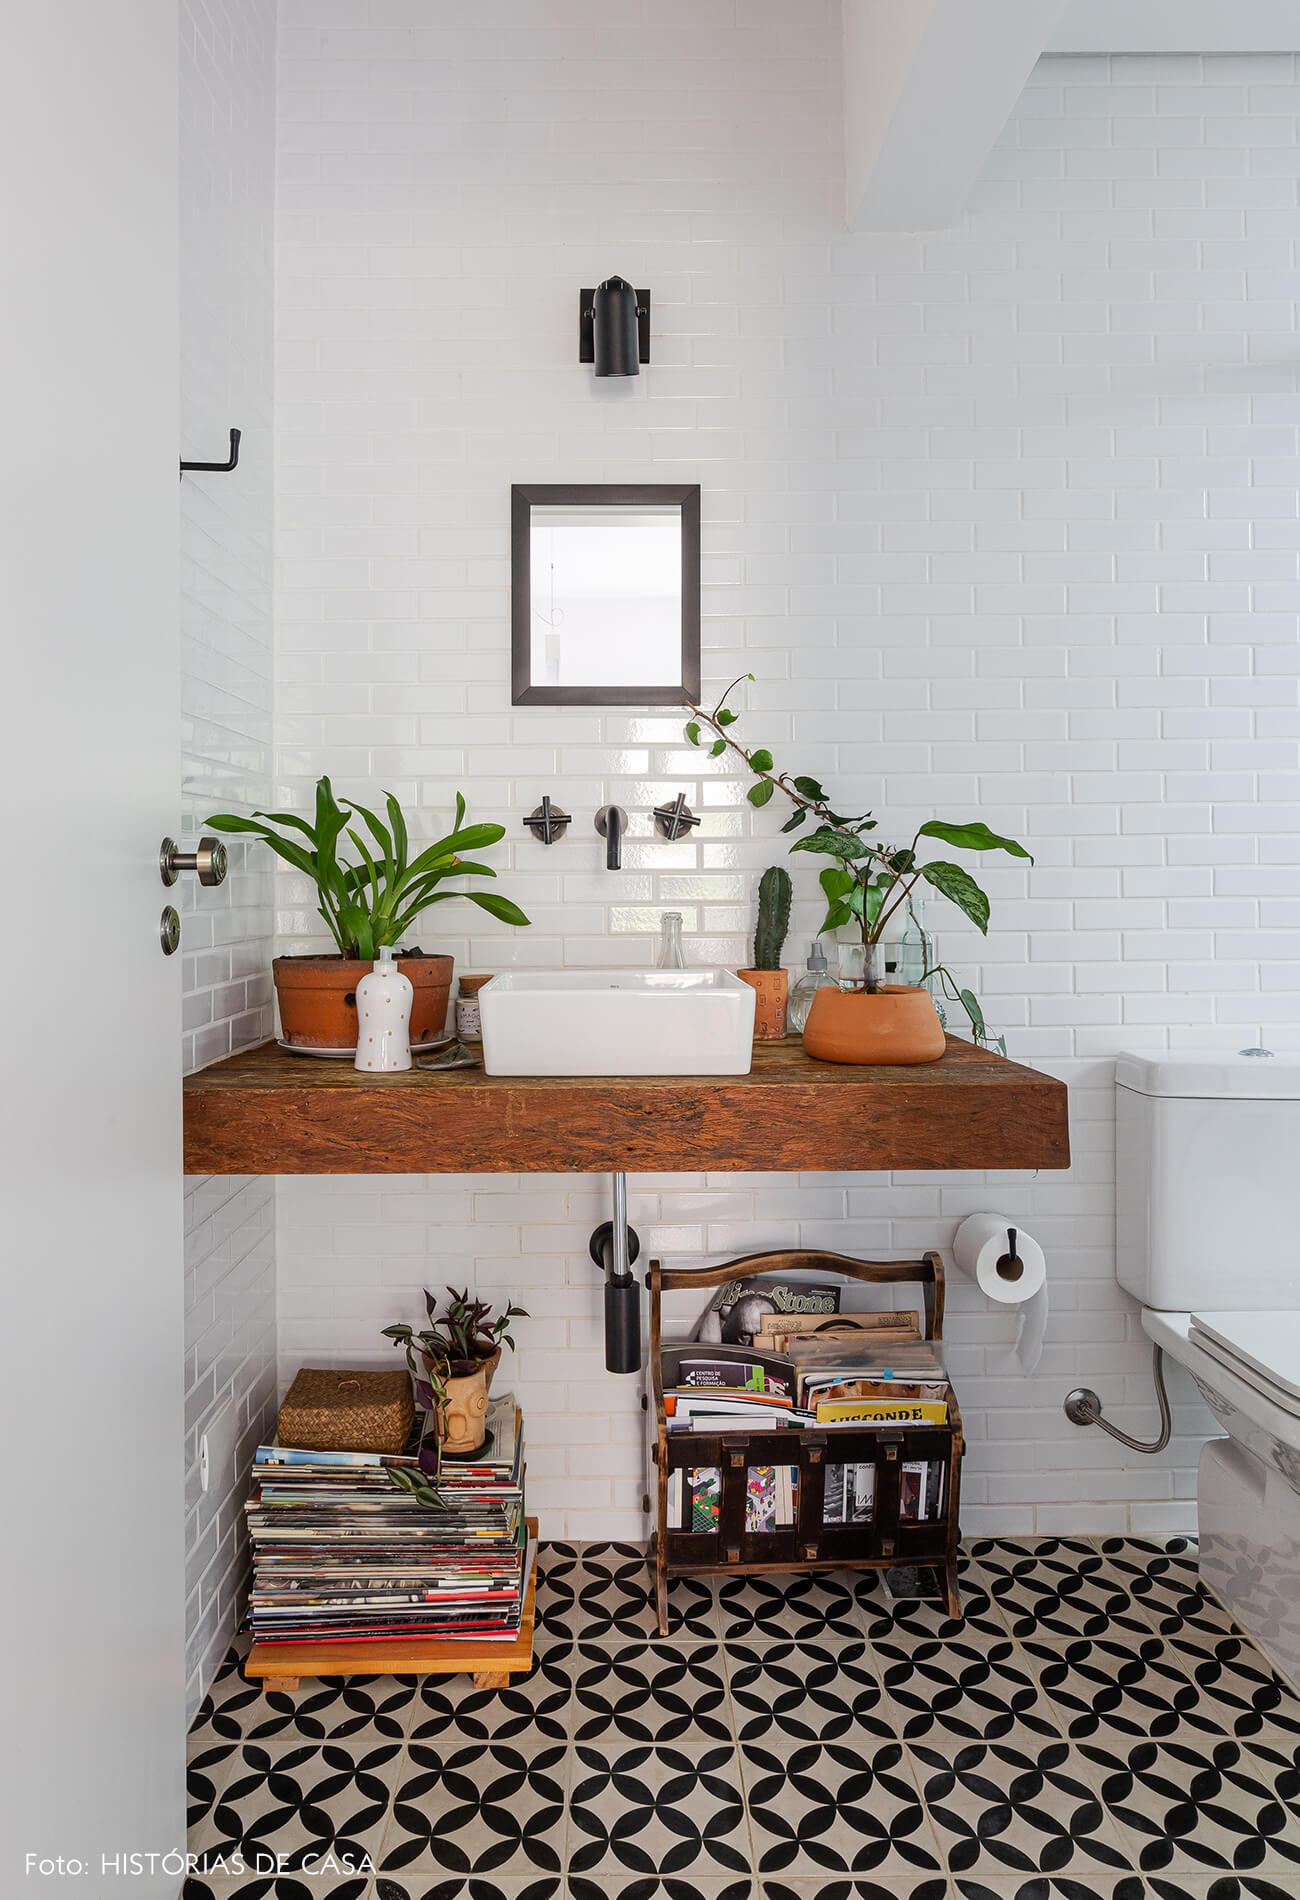 Banheiro com piso de ladrilhos e bancada de madeira